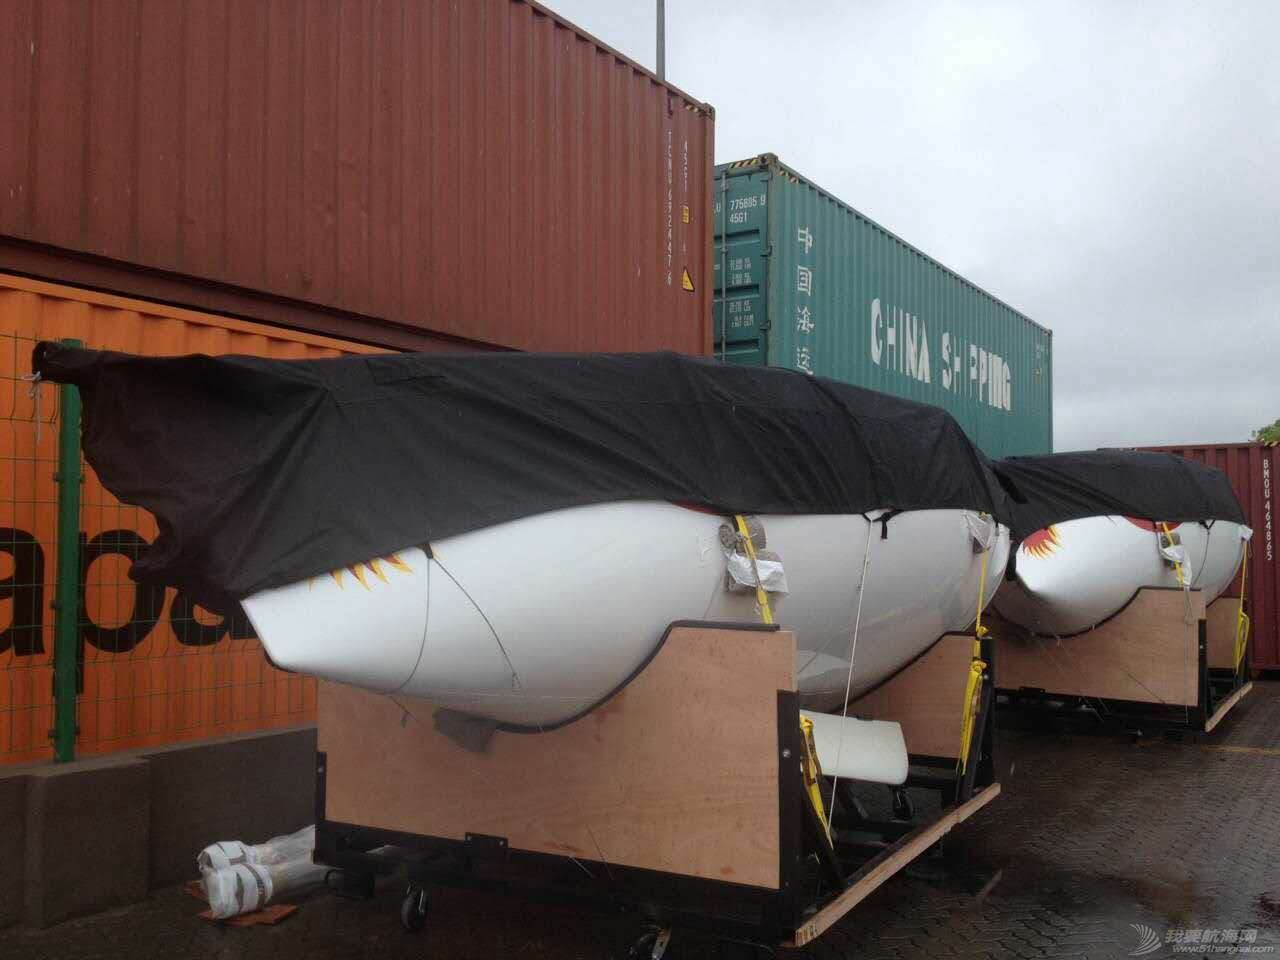 博纳多F22帆船亚洲珍藏版(现船)超值 开封